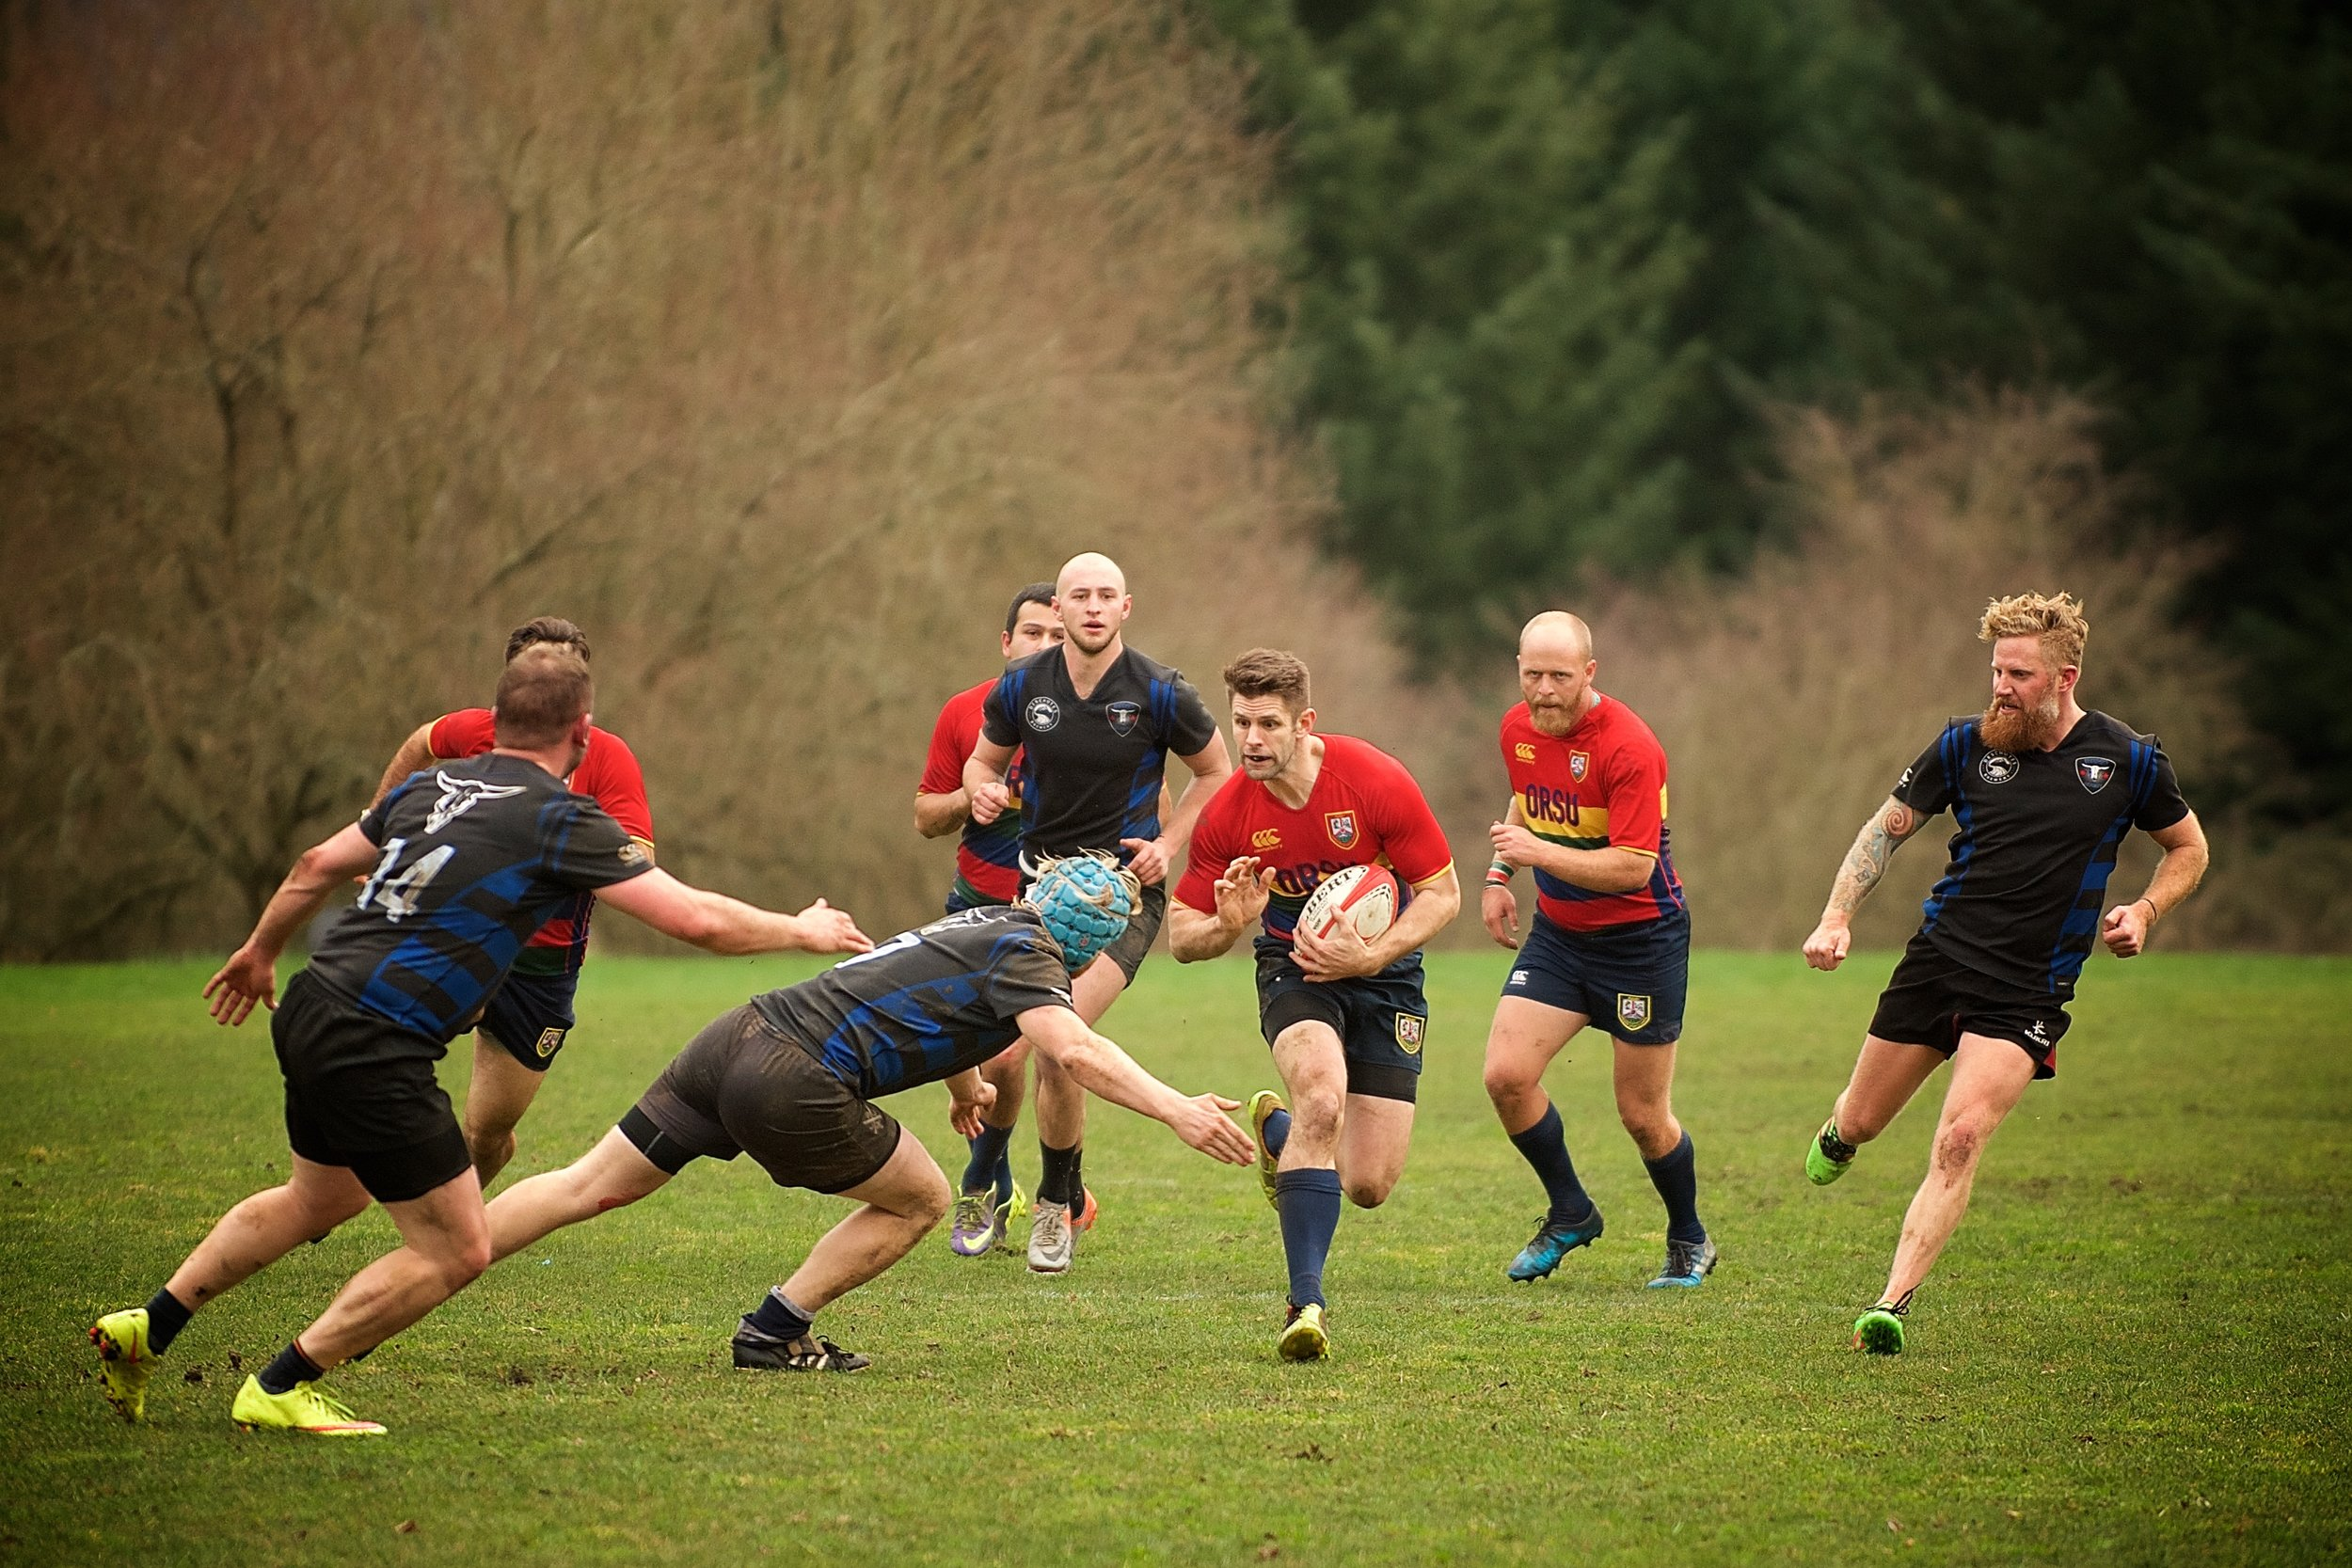 ORSU-Mens-7s-Rugby-Portland.jpg